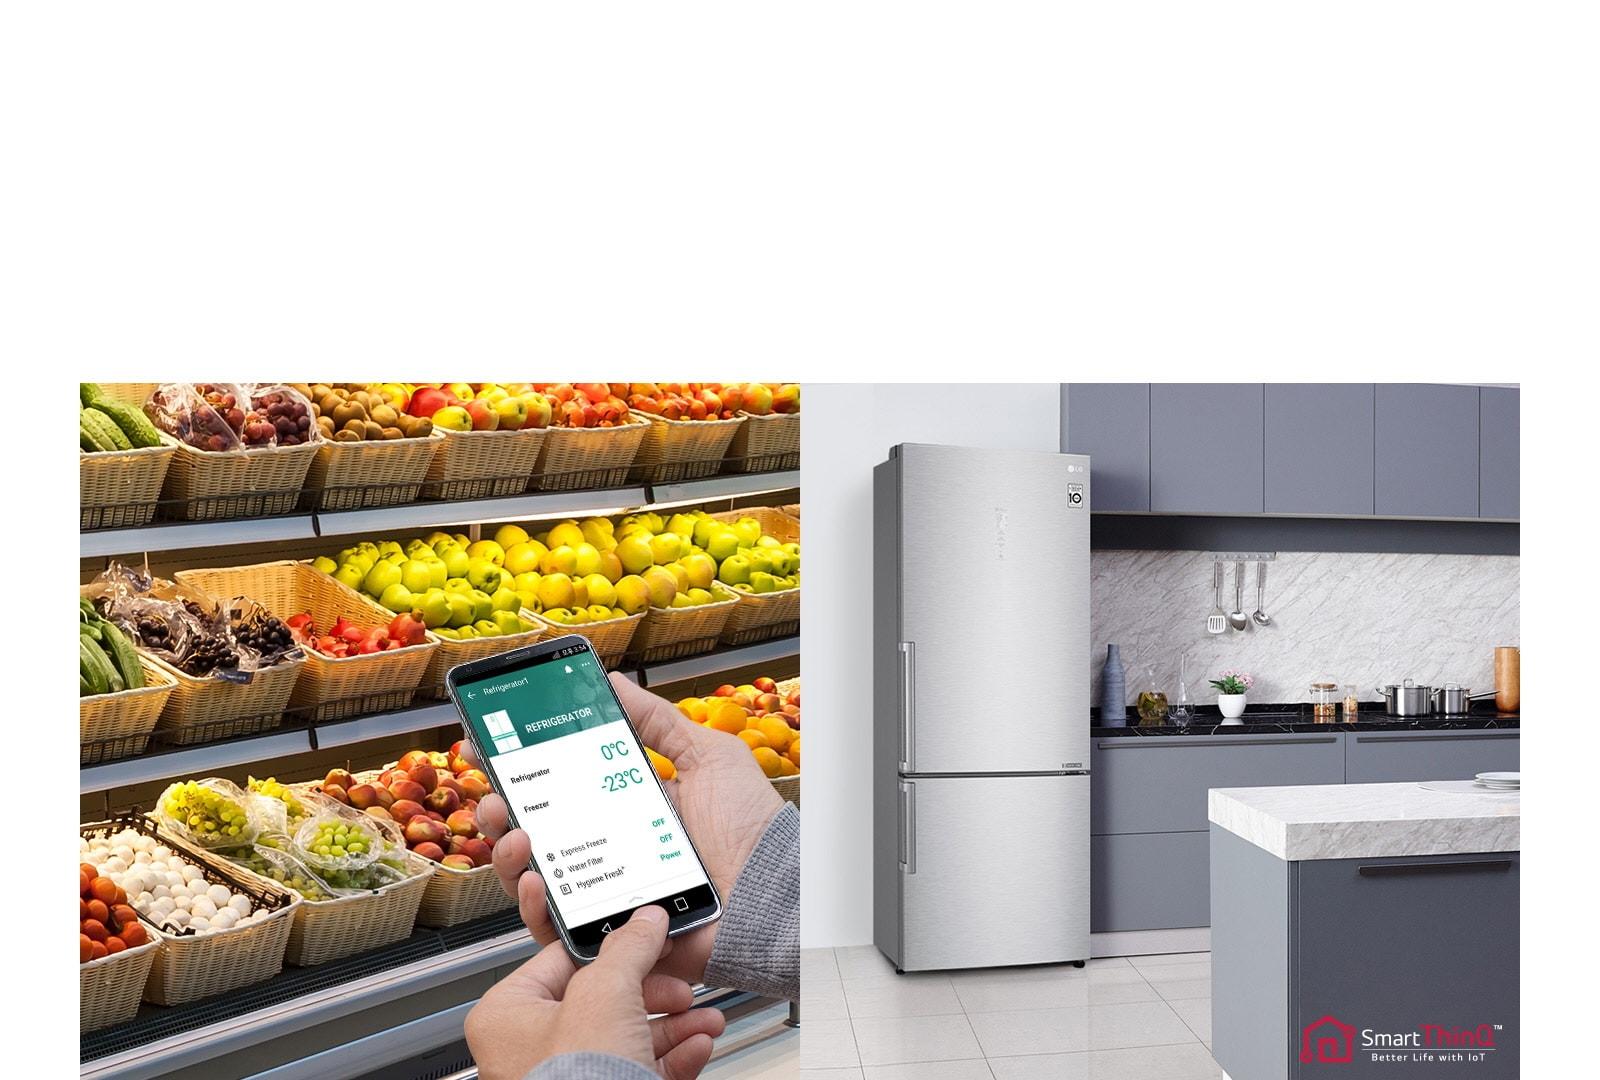 Ρυθμίστε το ψυγείο σας εξ αποστάσεως1